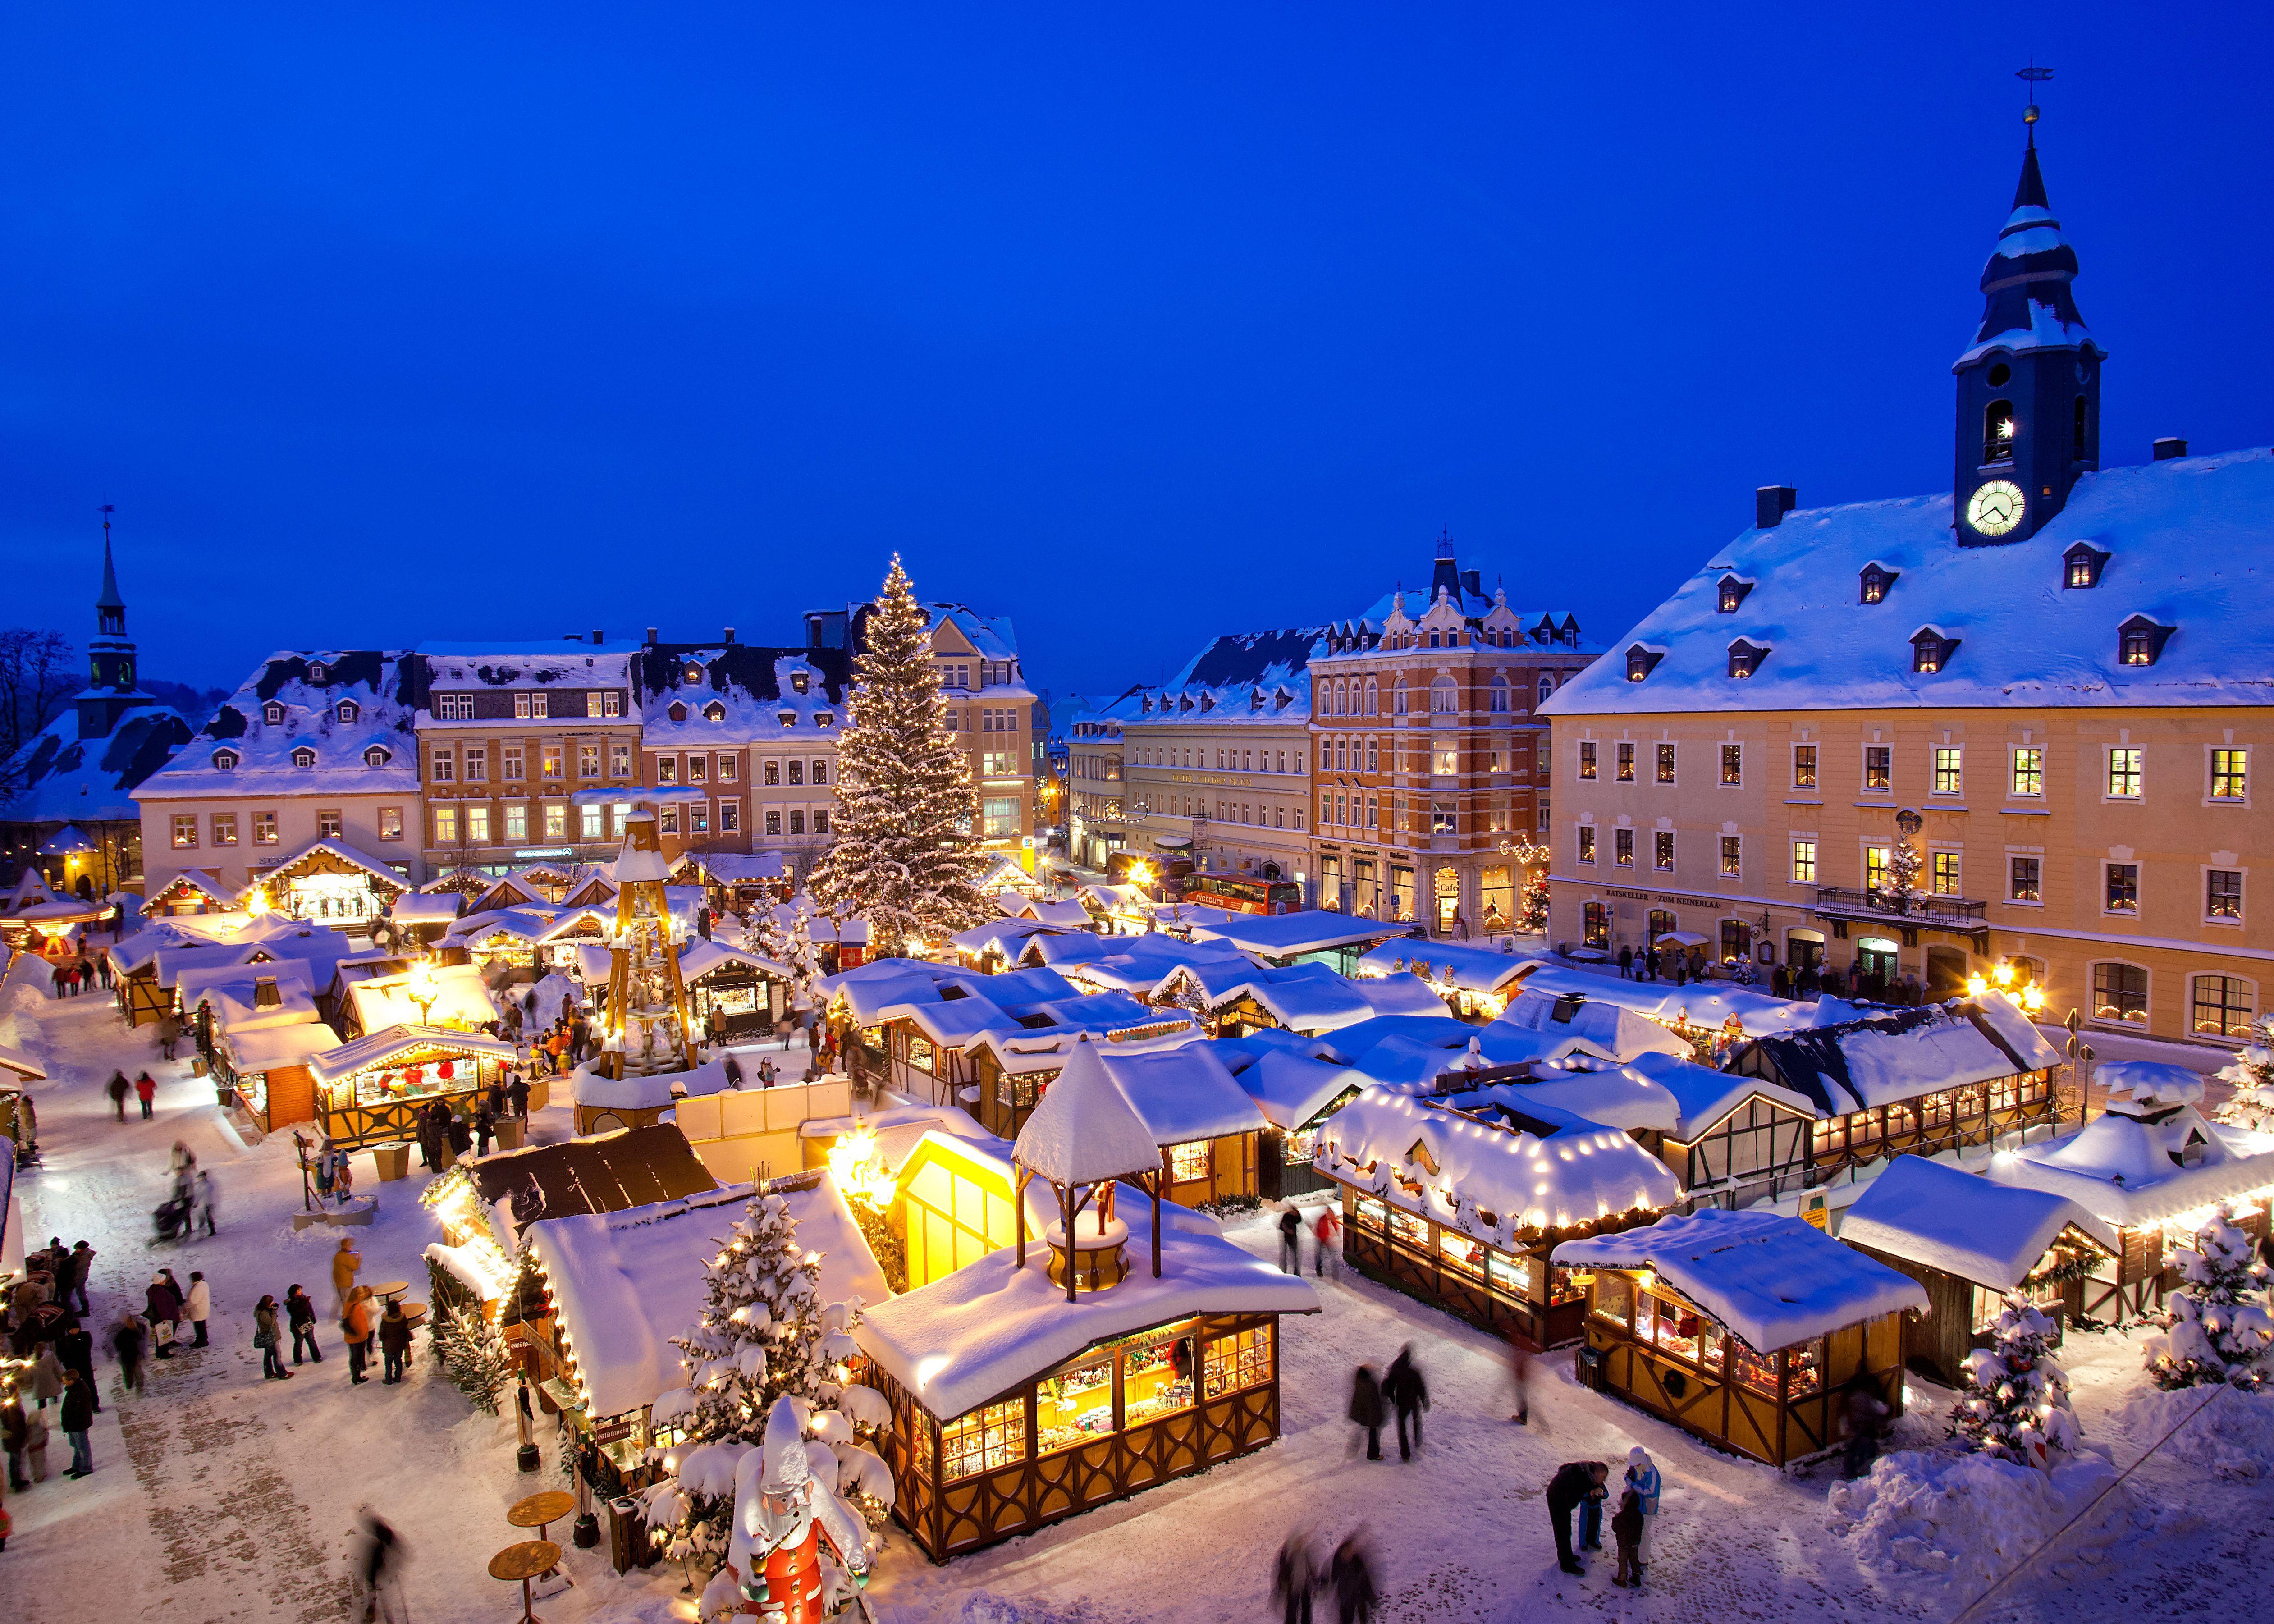 weihnachtsmarkt in annaberg im erzgebirge christmas. Black Bedroom Furniture Sets. Home Design Ideas